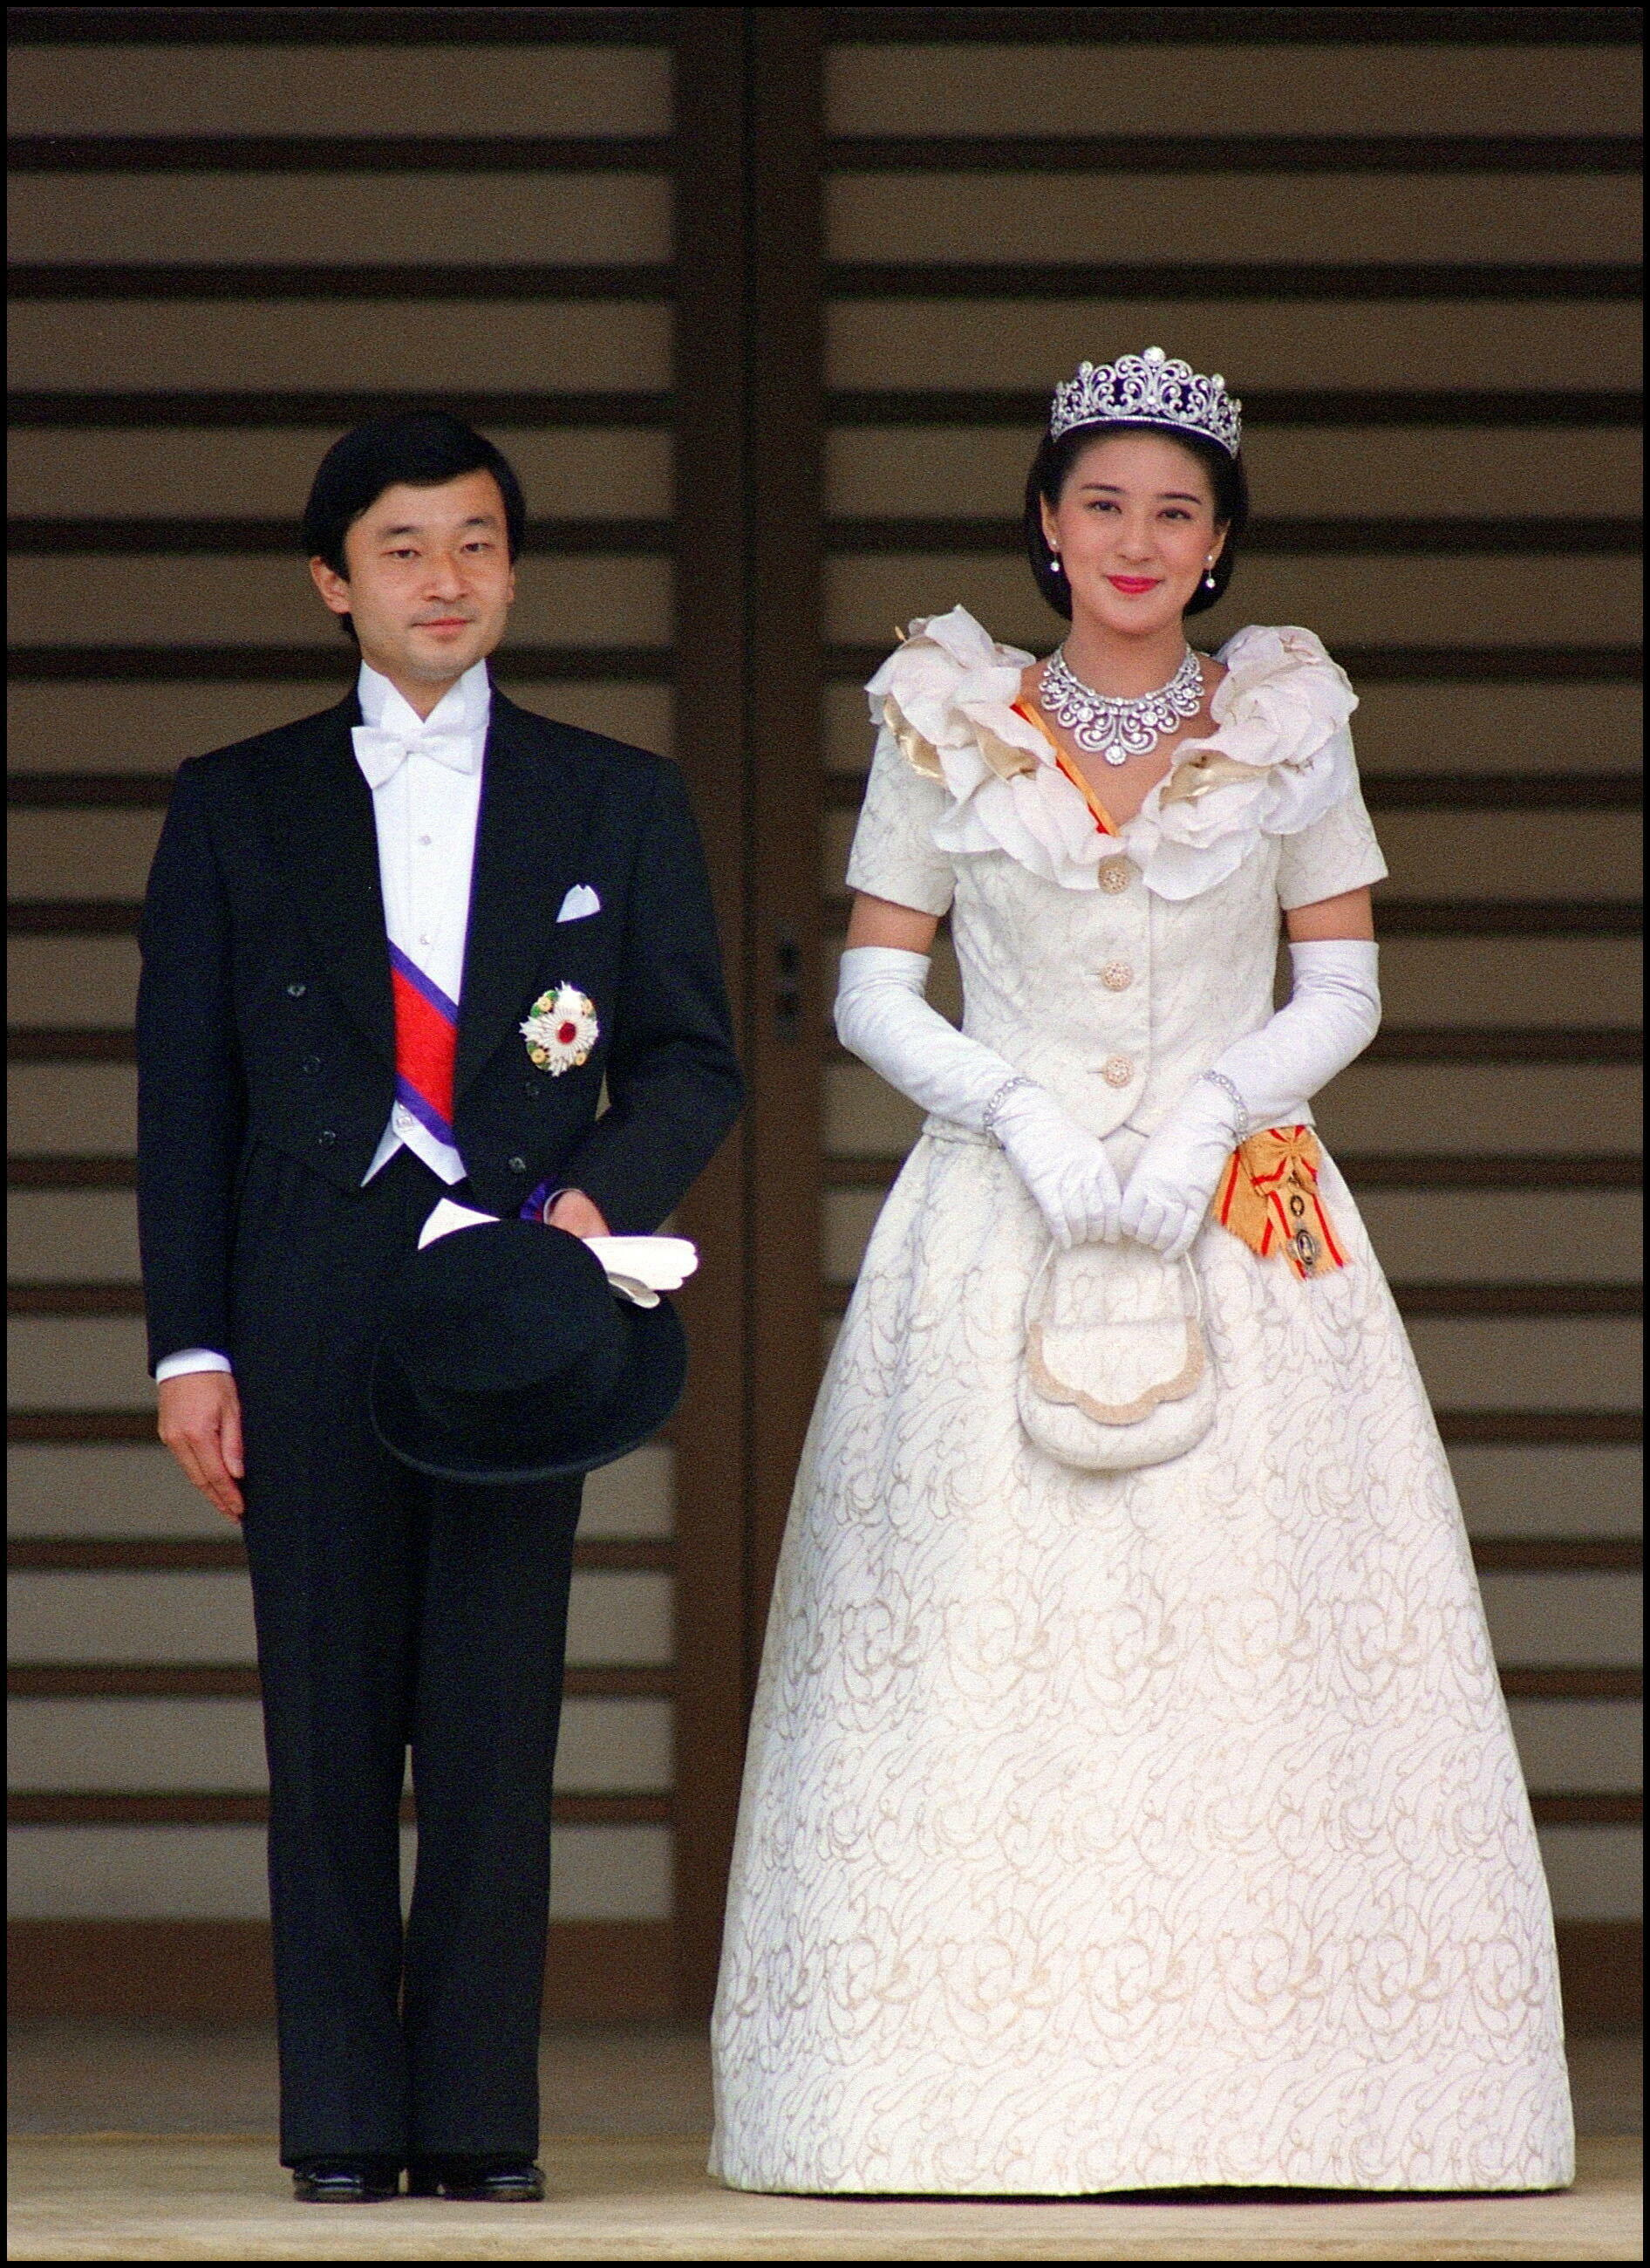 L'empereur nippon Naruhito, alors prince de Japon, lors de son mariage avec la princesse Masako, le 9 juin 1993.